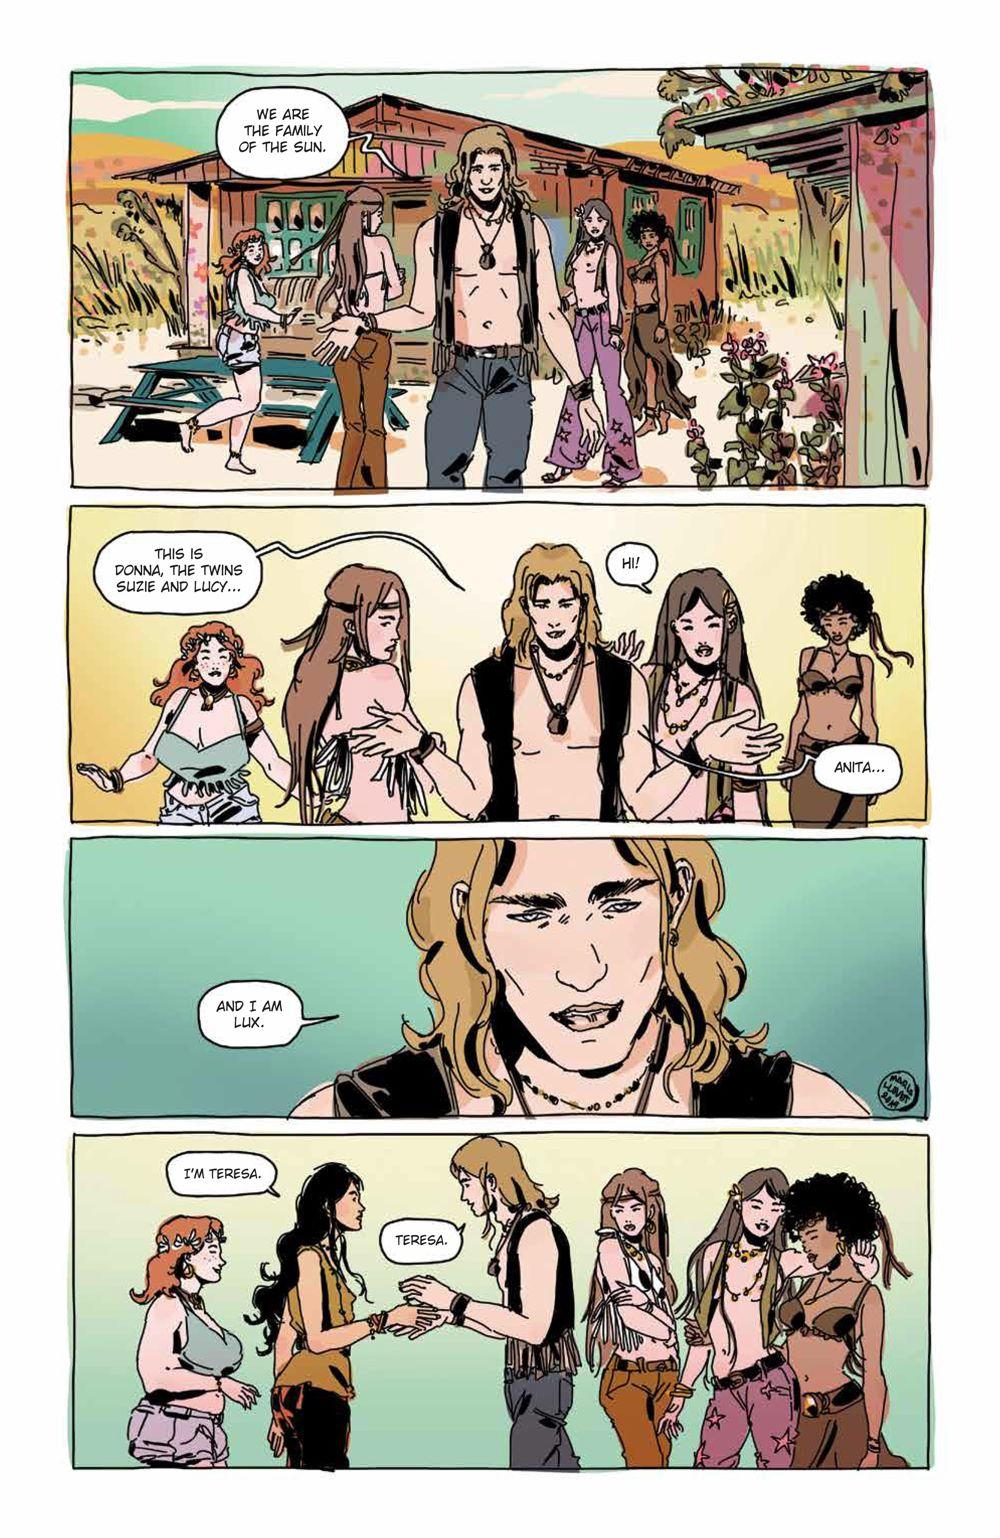 Luna_001_PRESS_8 ComicList Previews: LUNA #1 (OF 5)